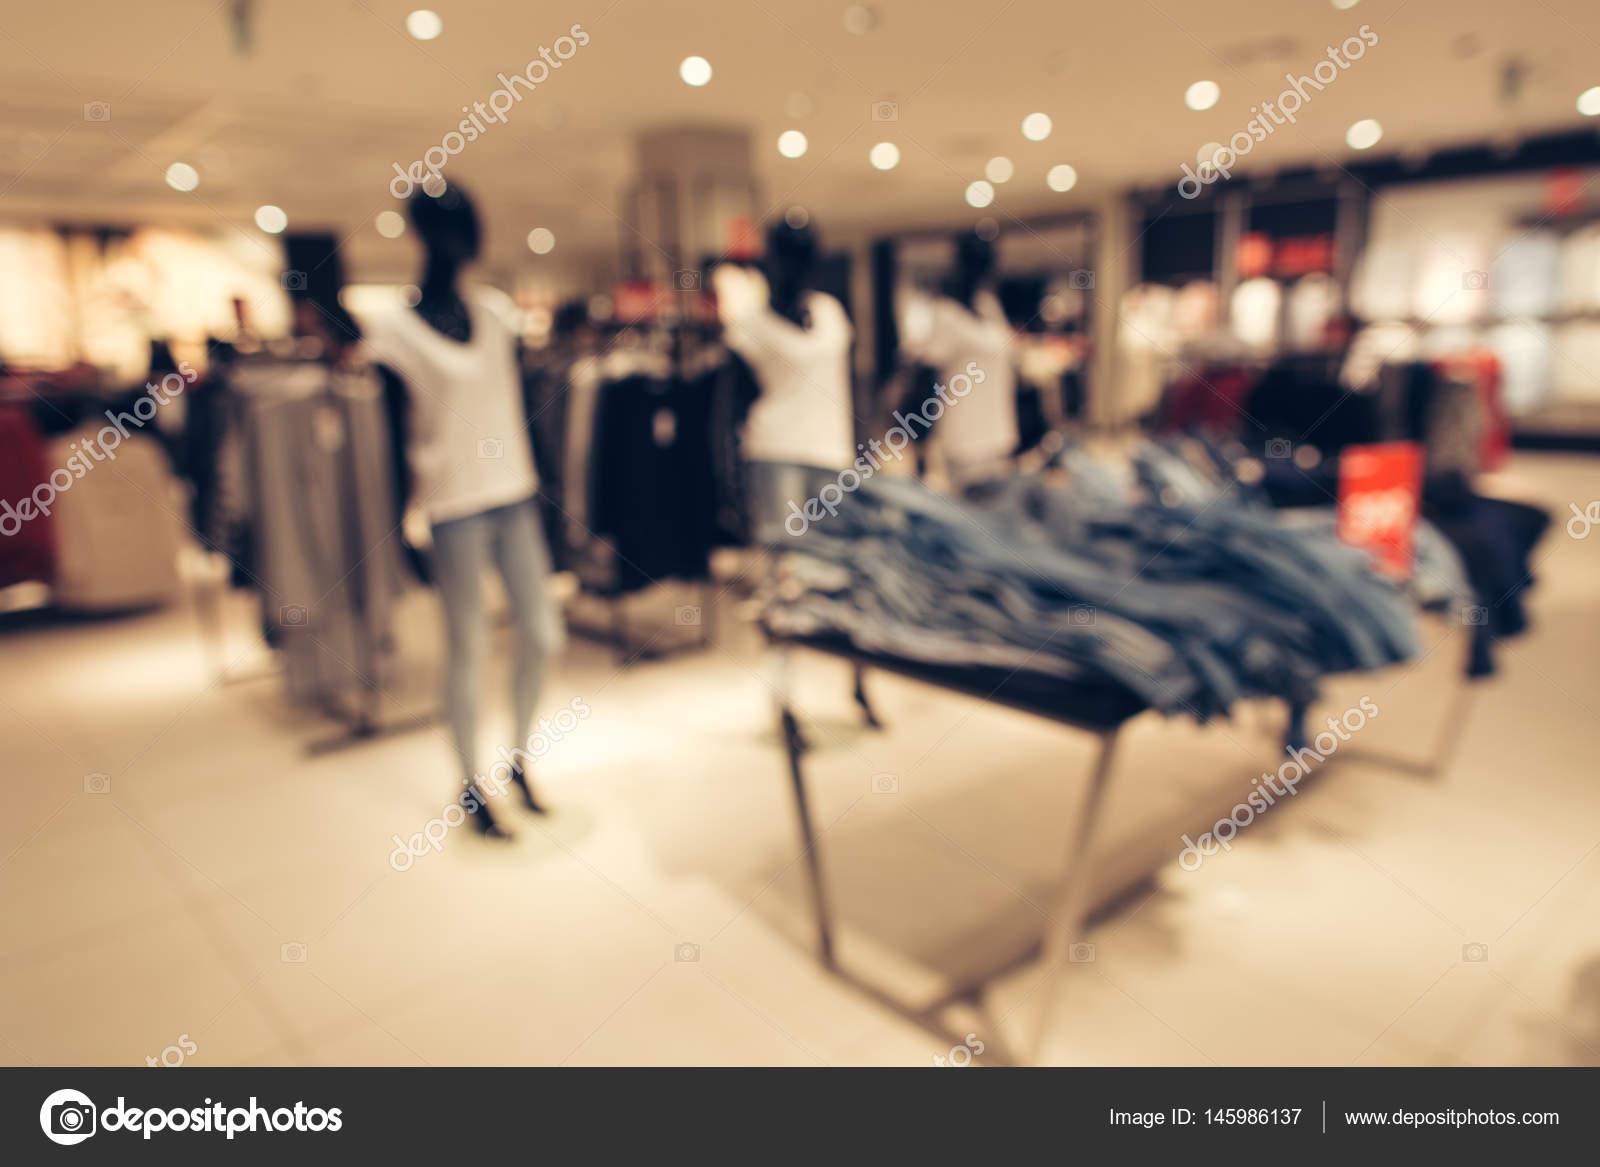 692fcfa36100 Vestiti delle donne conservare sfondo sfocato. Negozio di abbigliamento  donna nel centro commerciale. Priorità